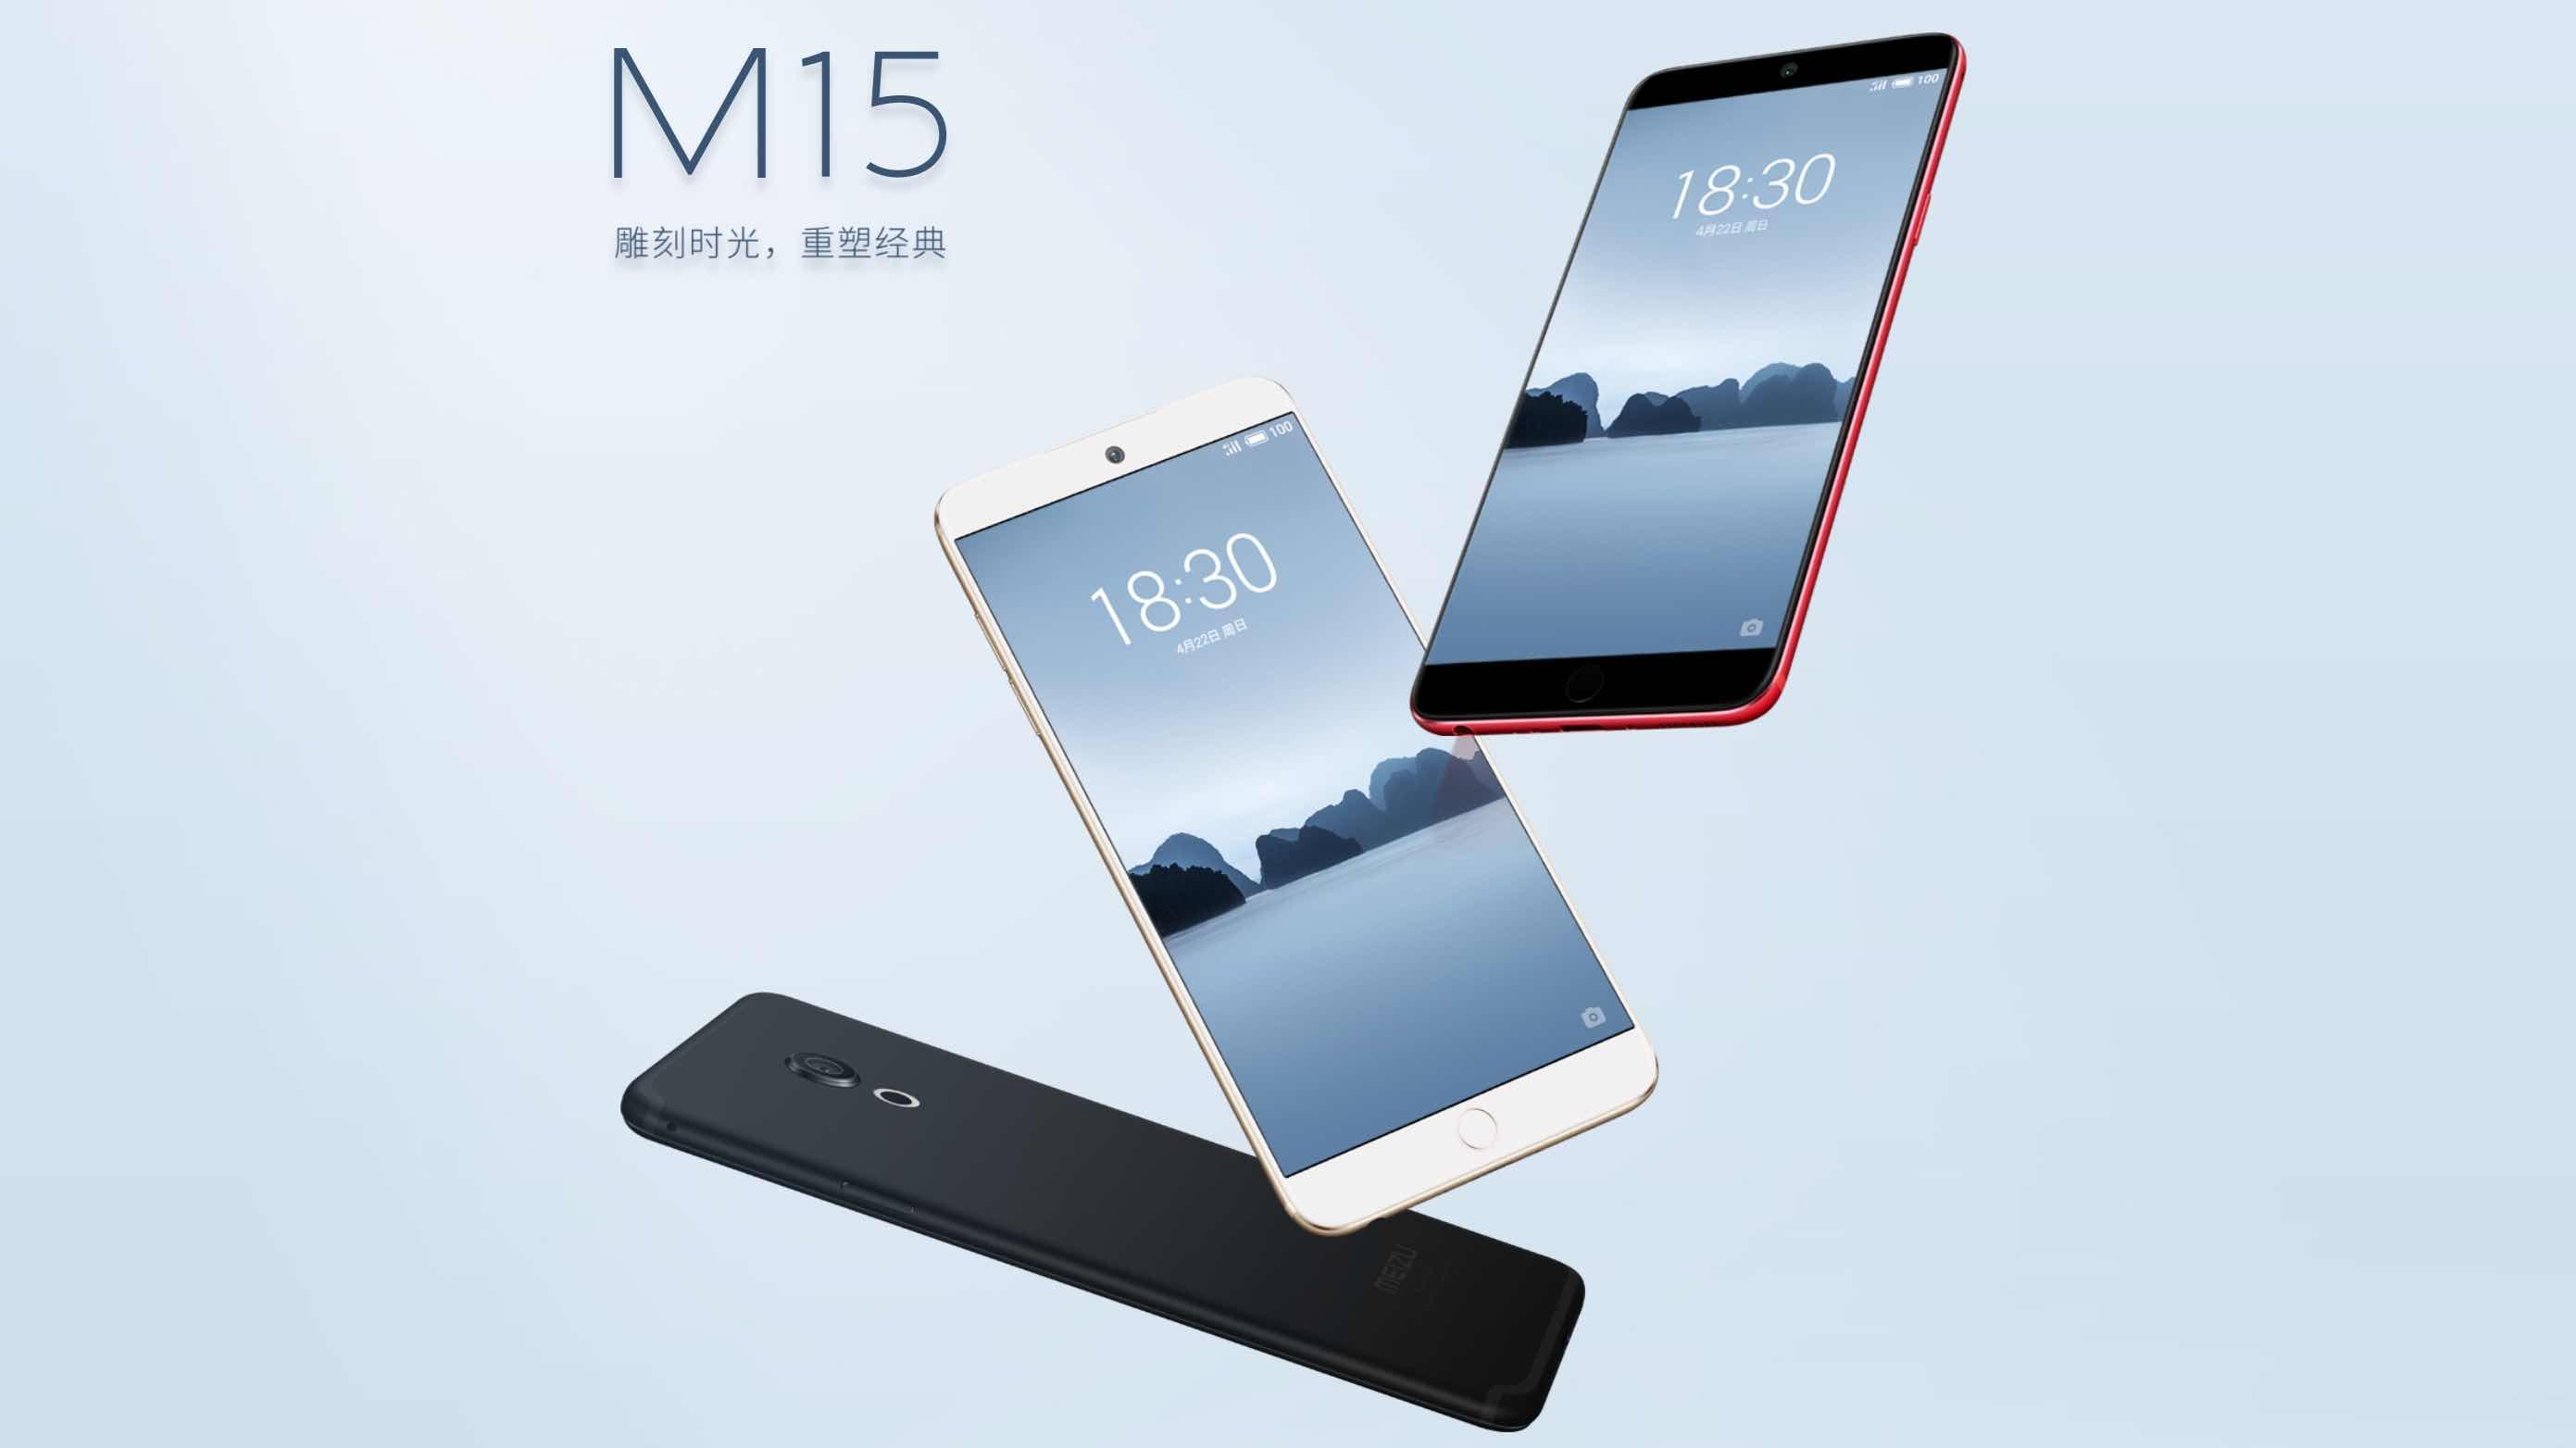 Meizu M15